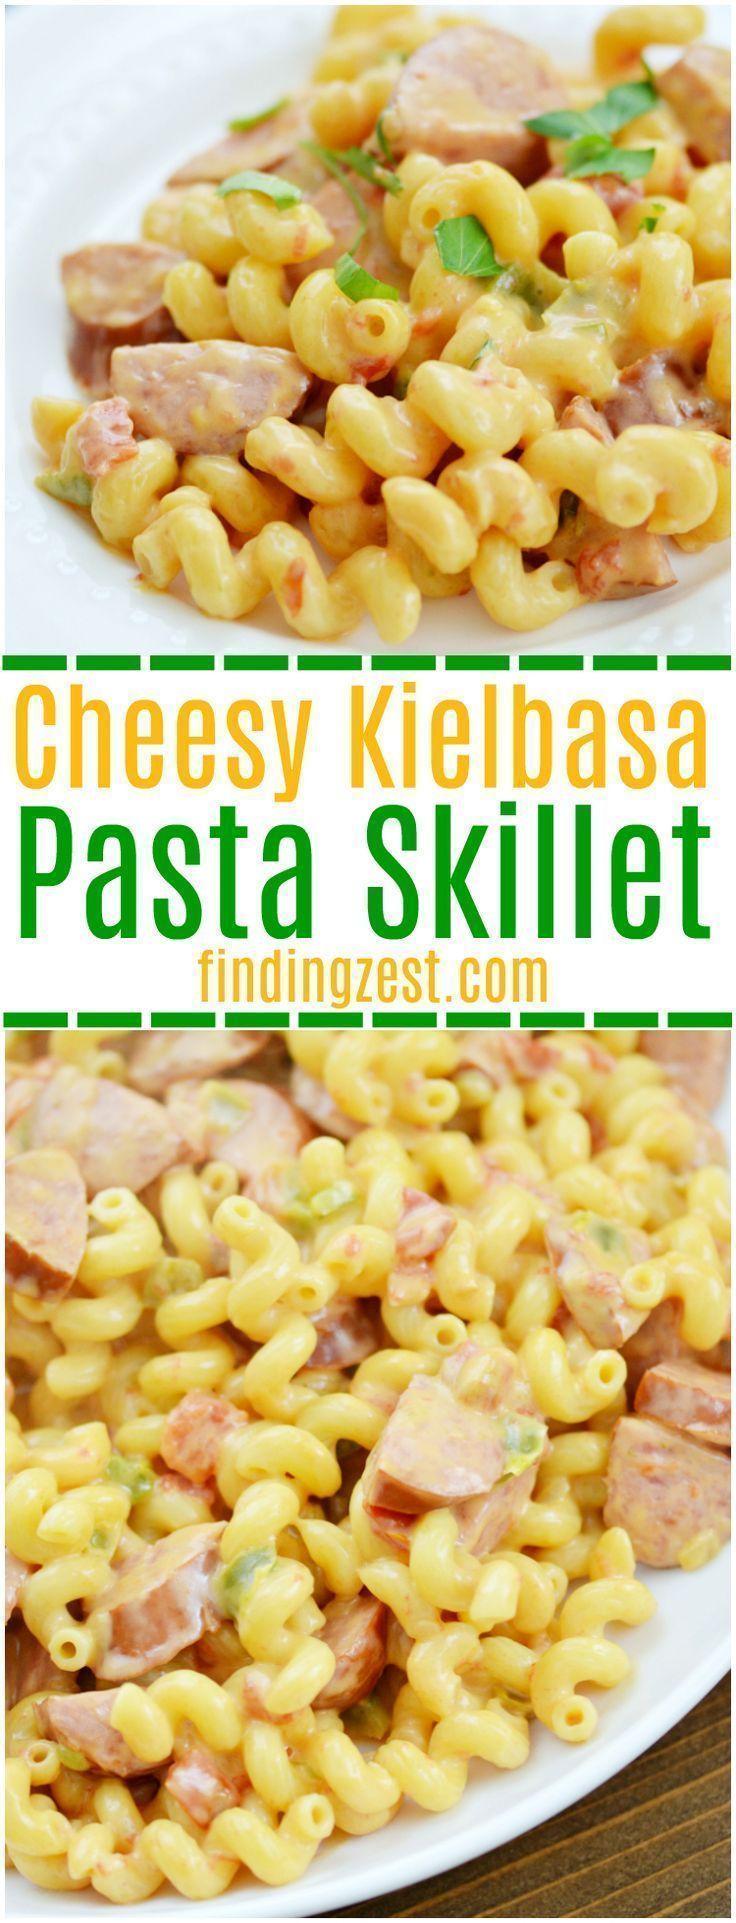 Cheesy Kielbasa Pasta Skillet